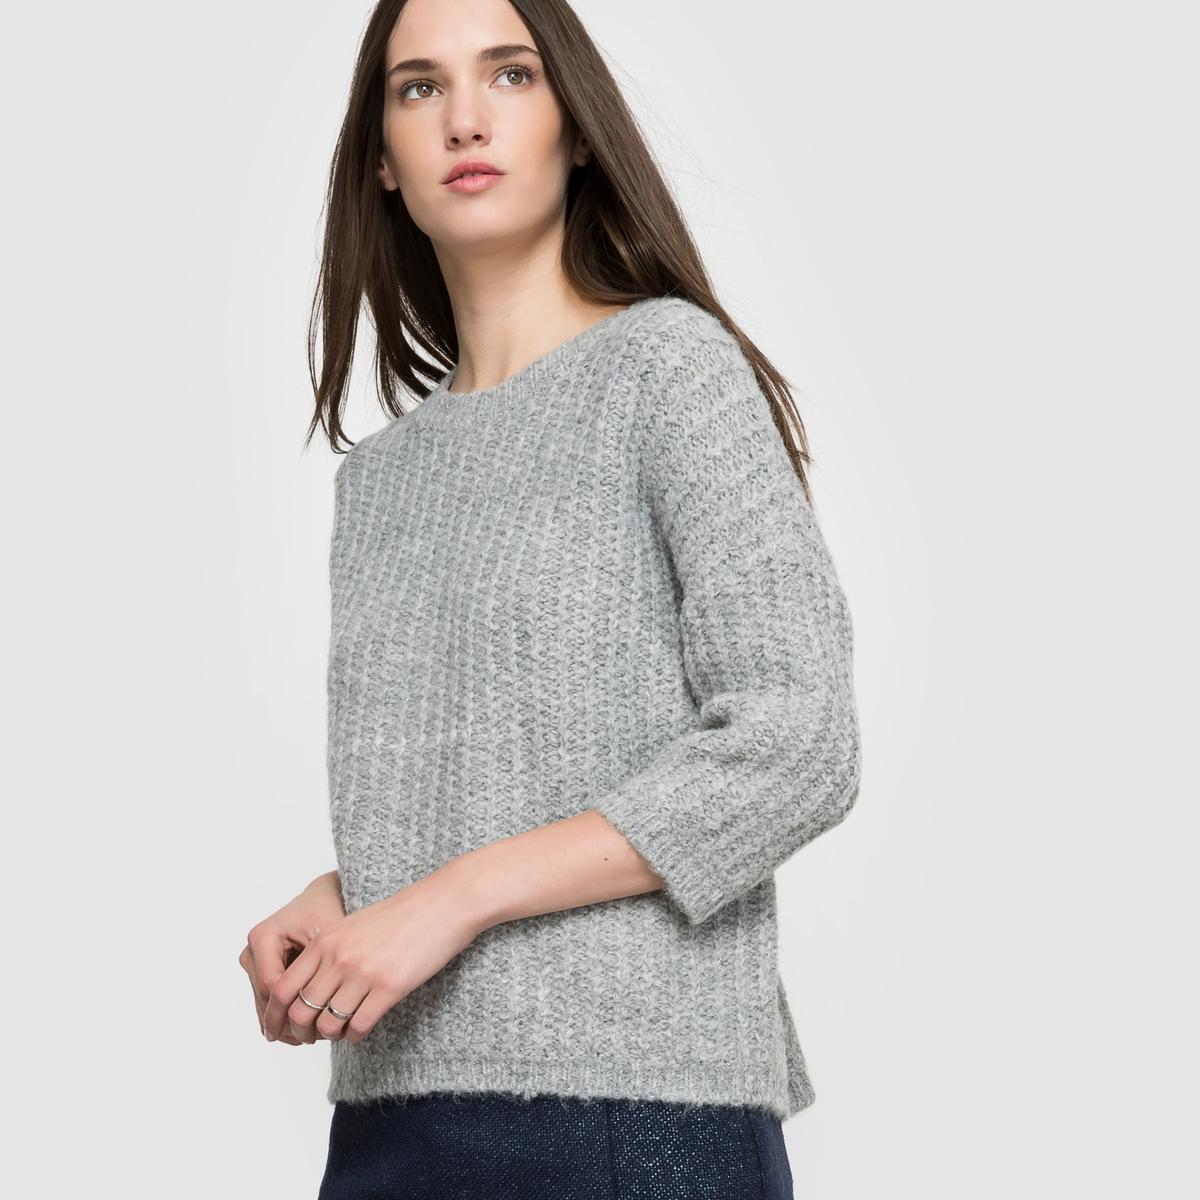 Пуловер с рукавами 3/4Состав и описаниеМатериал 57% акрила, 27% альпаги, 13% нейлона, 3% эластанаДлина       83 смМарка SUD EXPRESS<br><br>Цвет: жемчужный<br>Размер: 1(S).2(M)